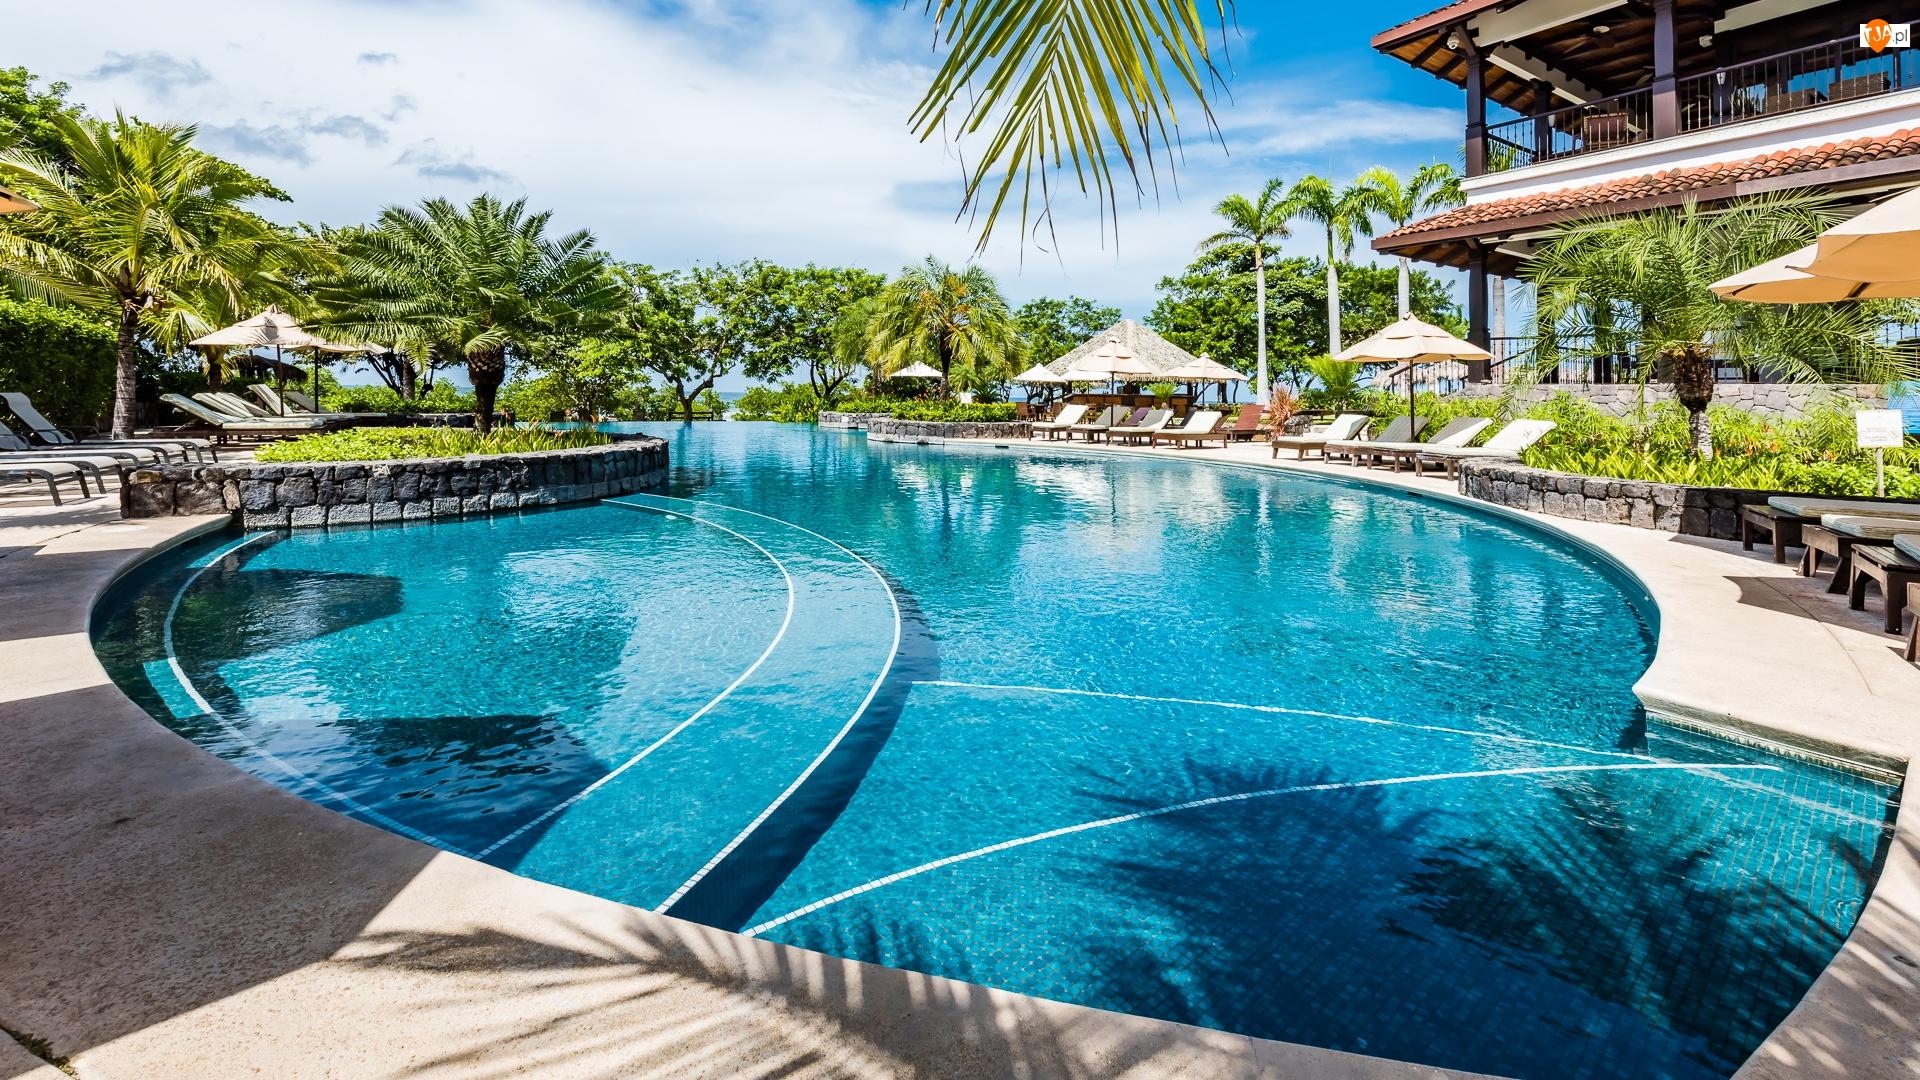 Basen, Palmy, Kostaryka, Wakacje, Tamarindo, Hacienda Pinilla, Hotel